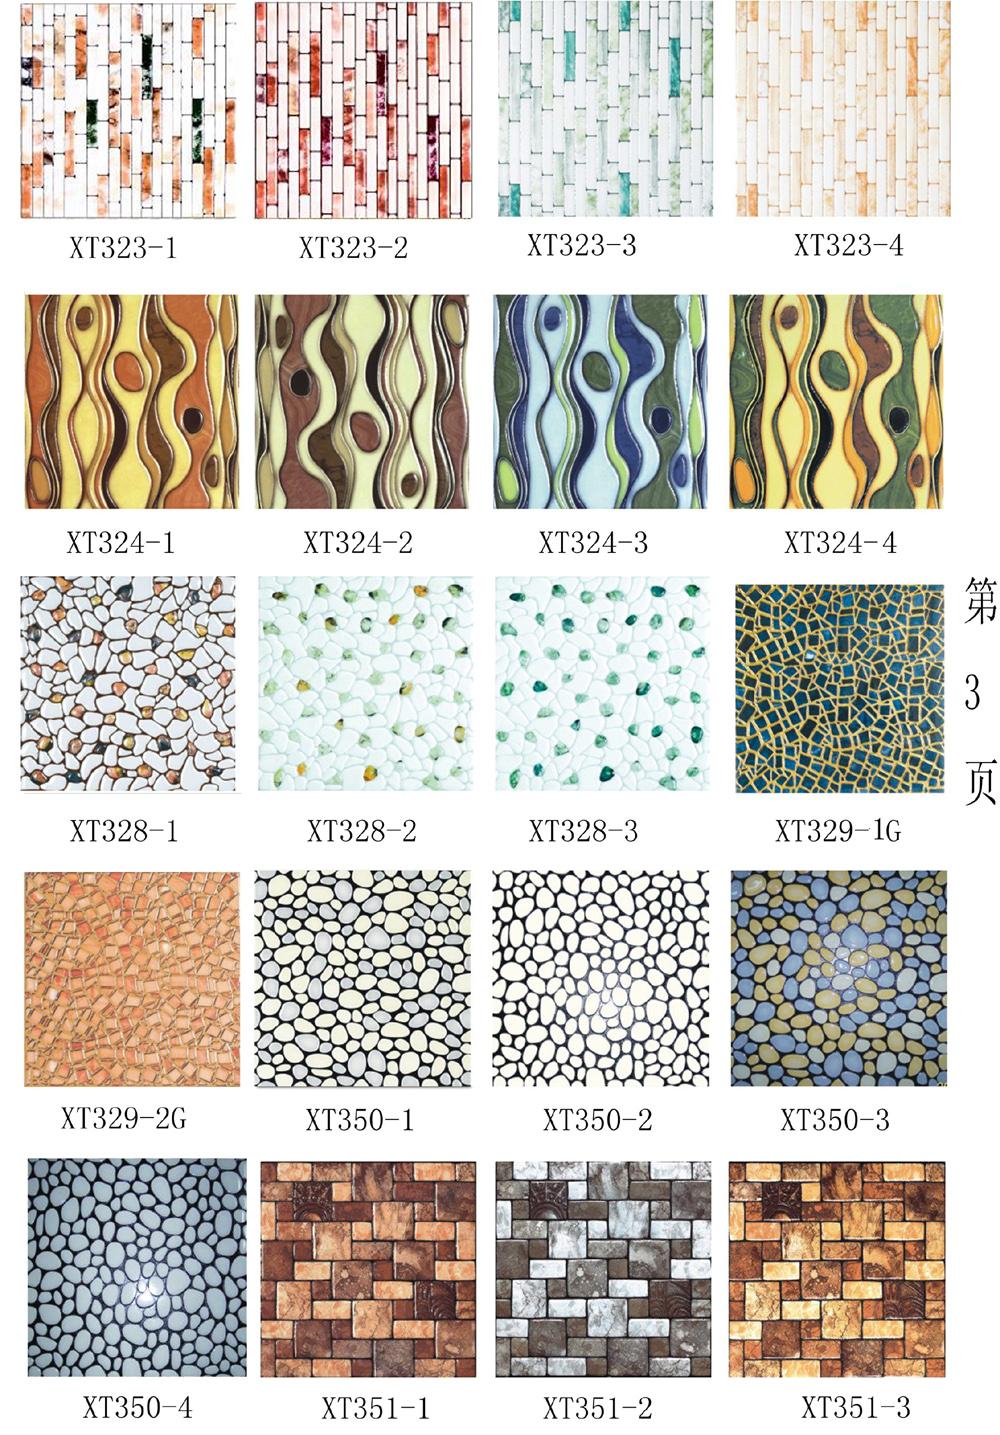 86 Tiles Mfg Co Ltd E Mail Mail: Foshan New Ever-Honest Ceramics Co., Ltd